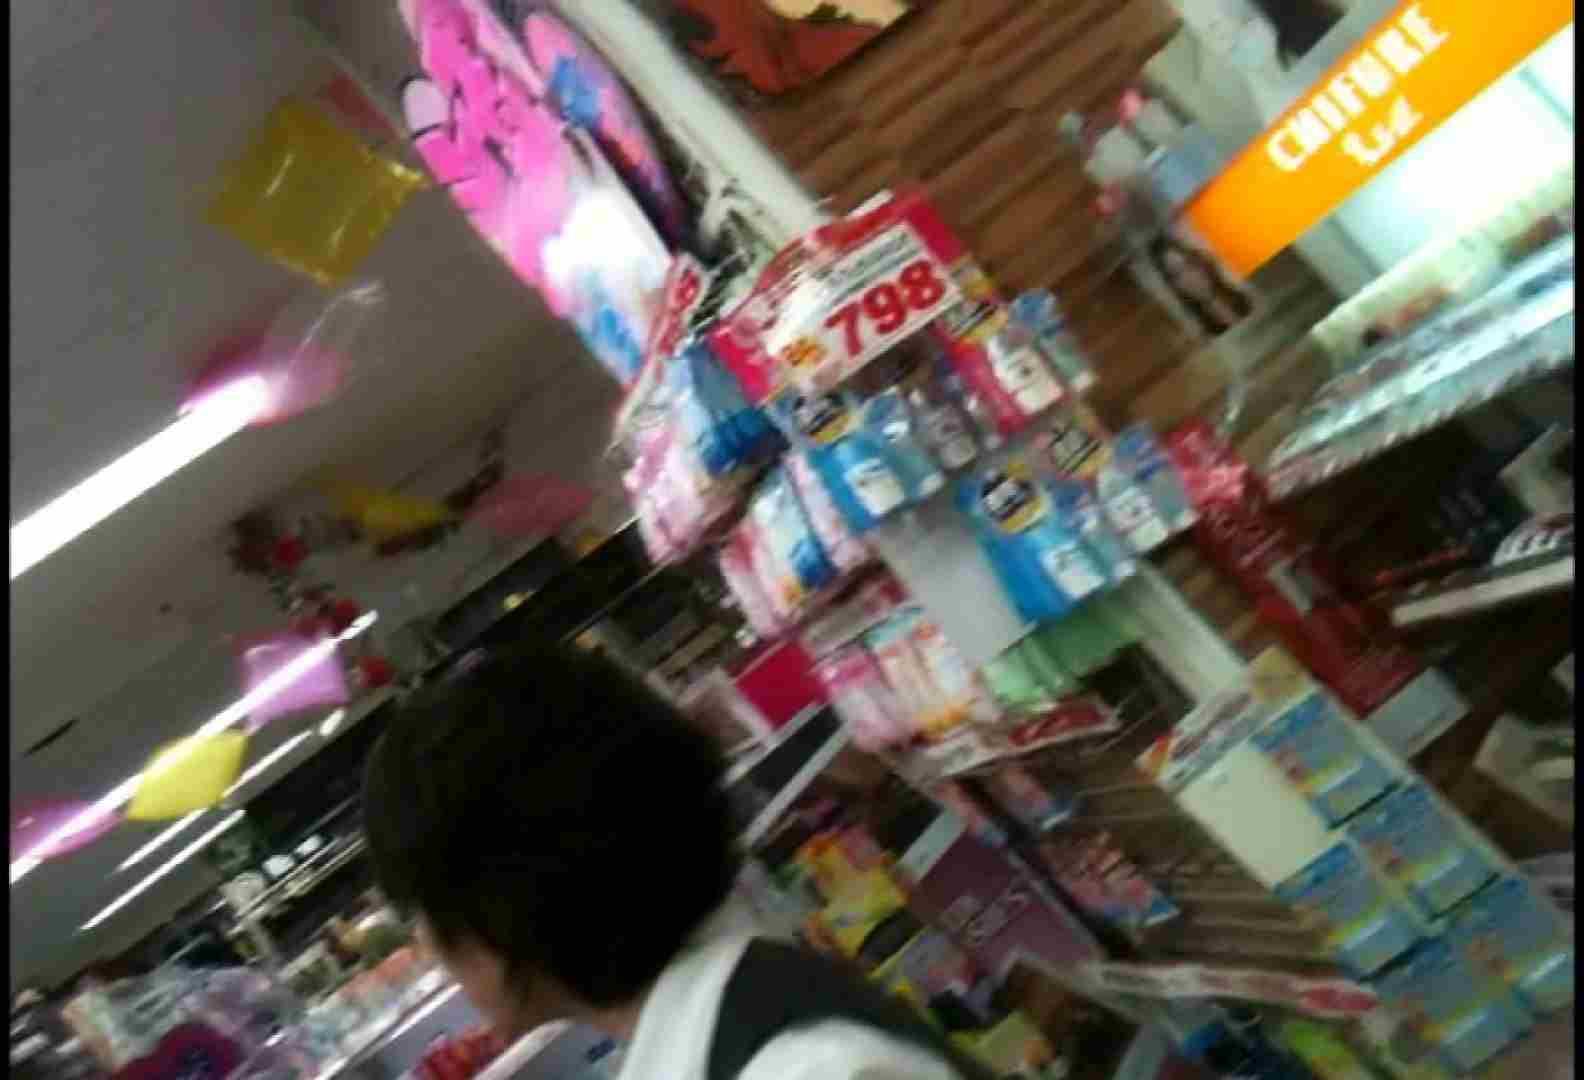 近所のお店は危険がイッパイ vol.6 美しいOLの裸体  79pic 2